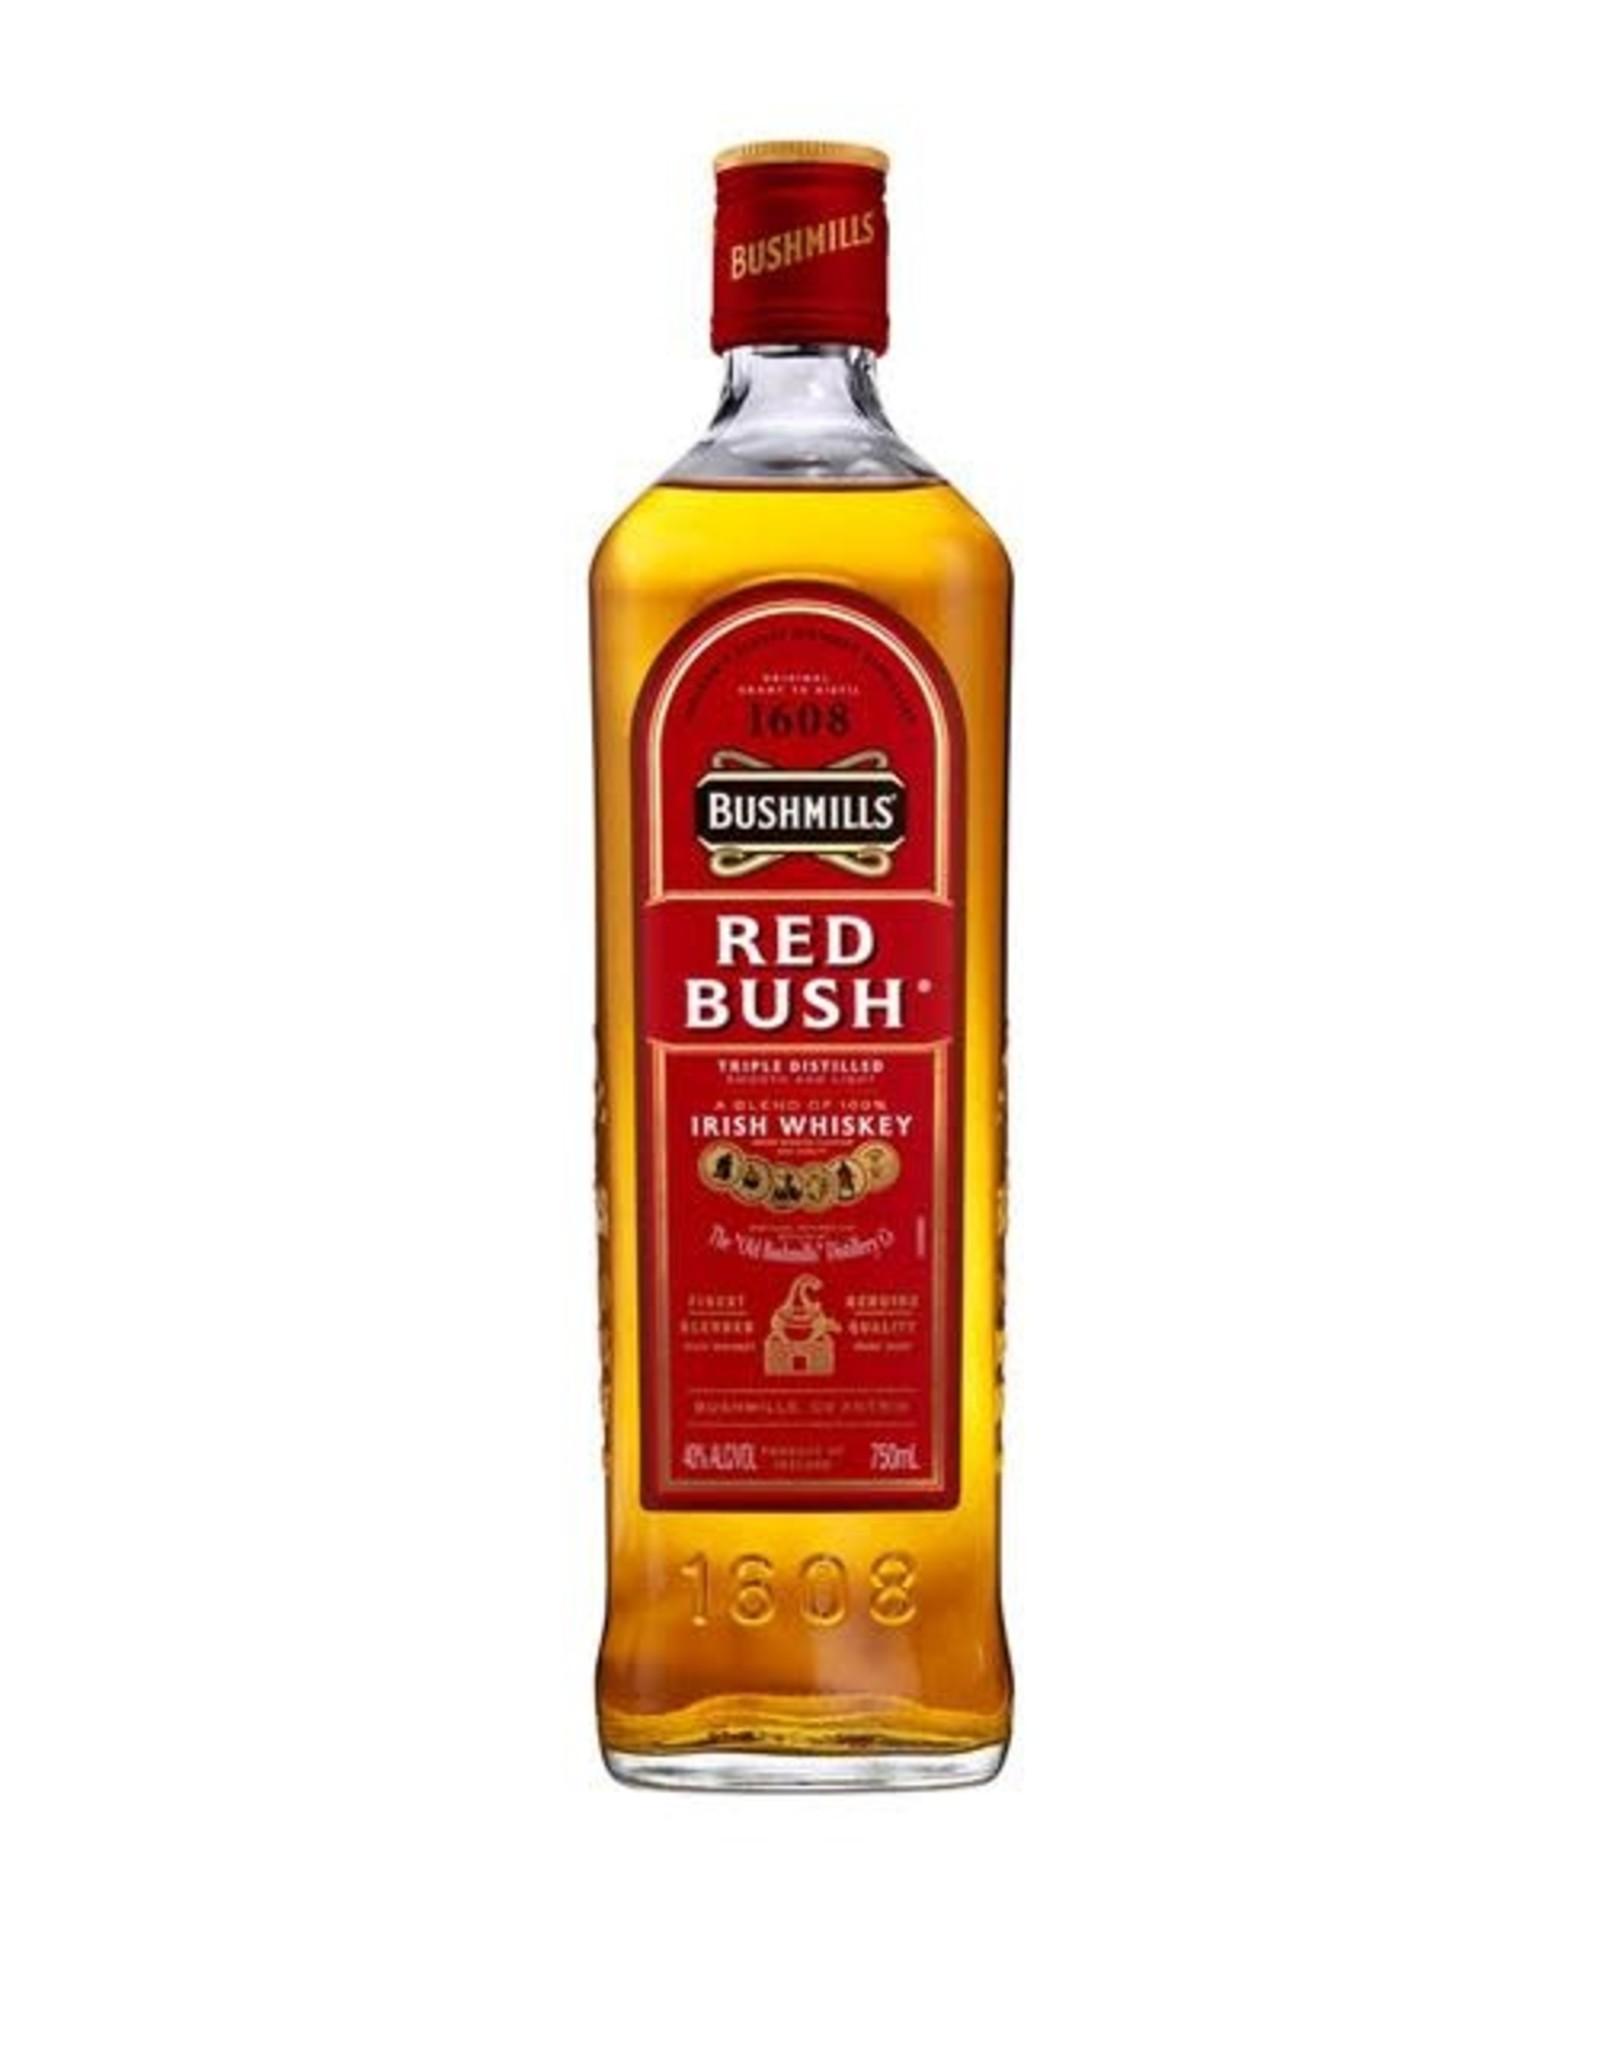 BUSHMILLS REDBUSH IRISH WHISKEY 750ML